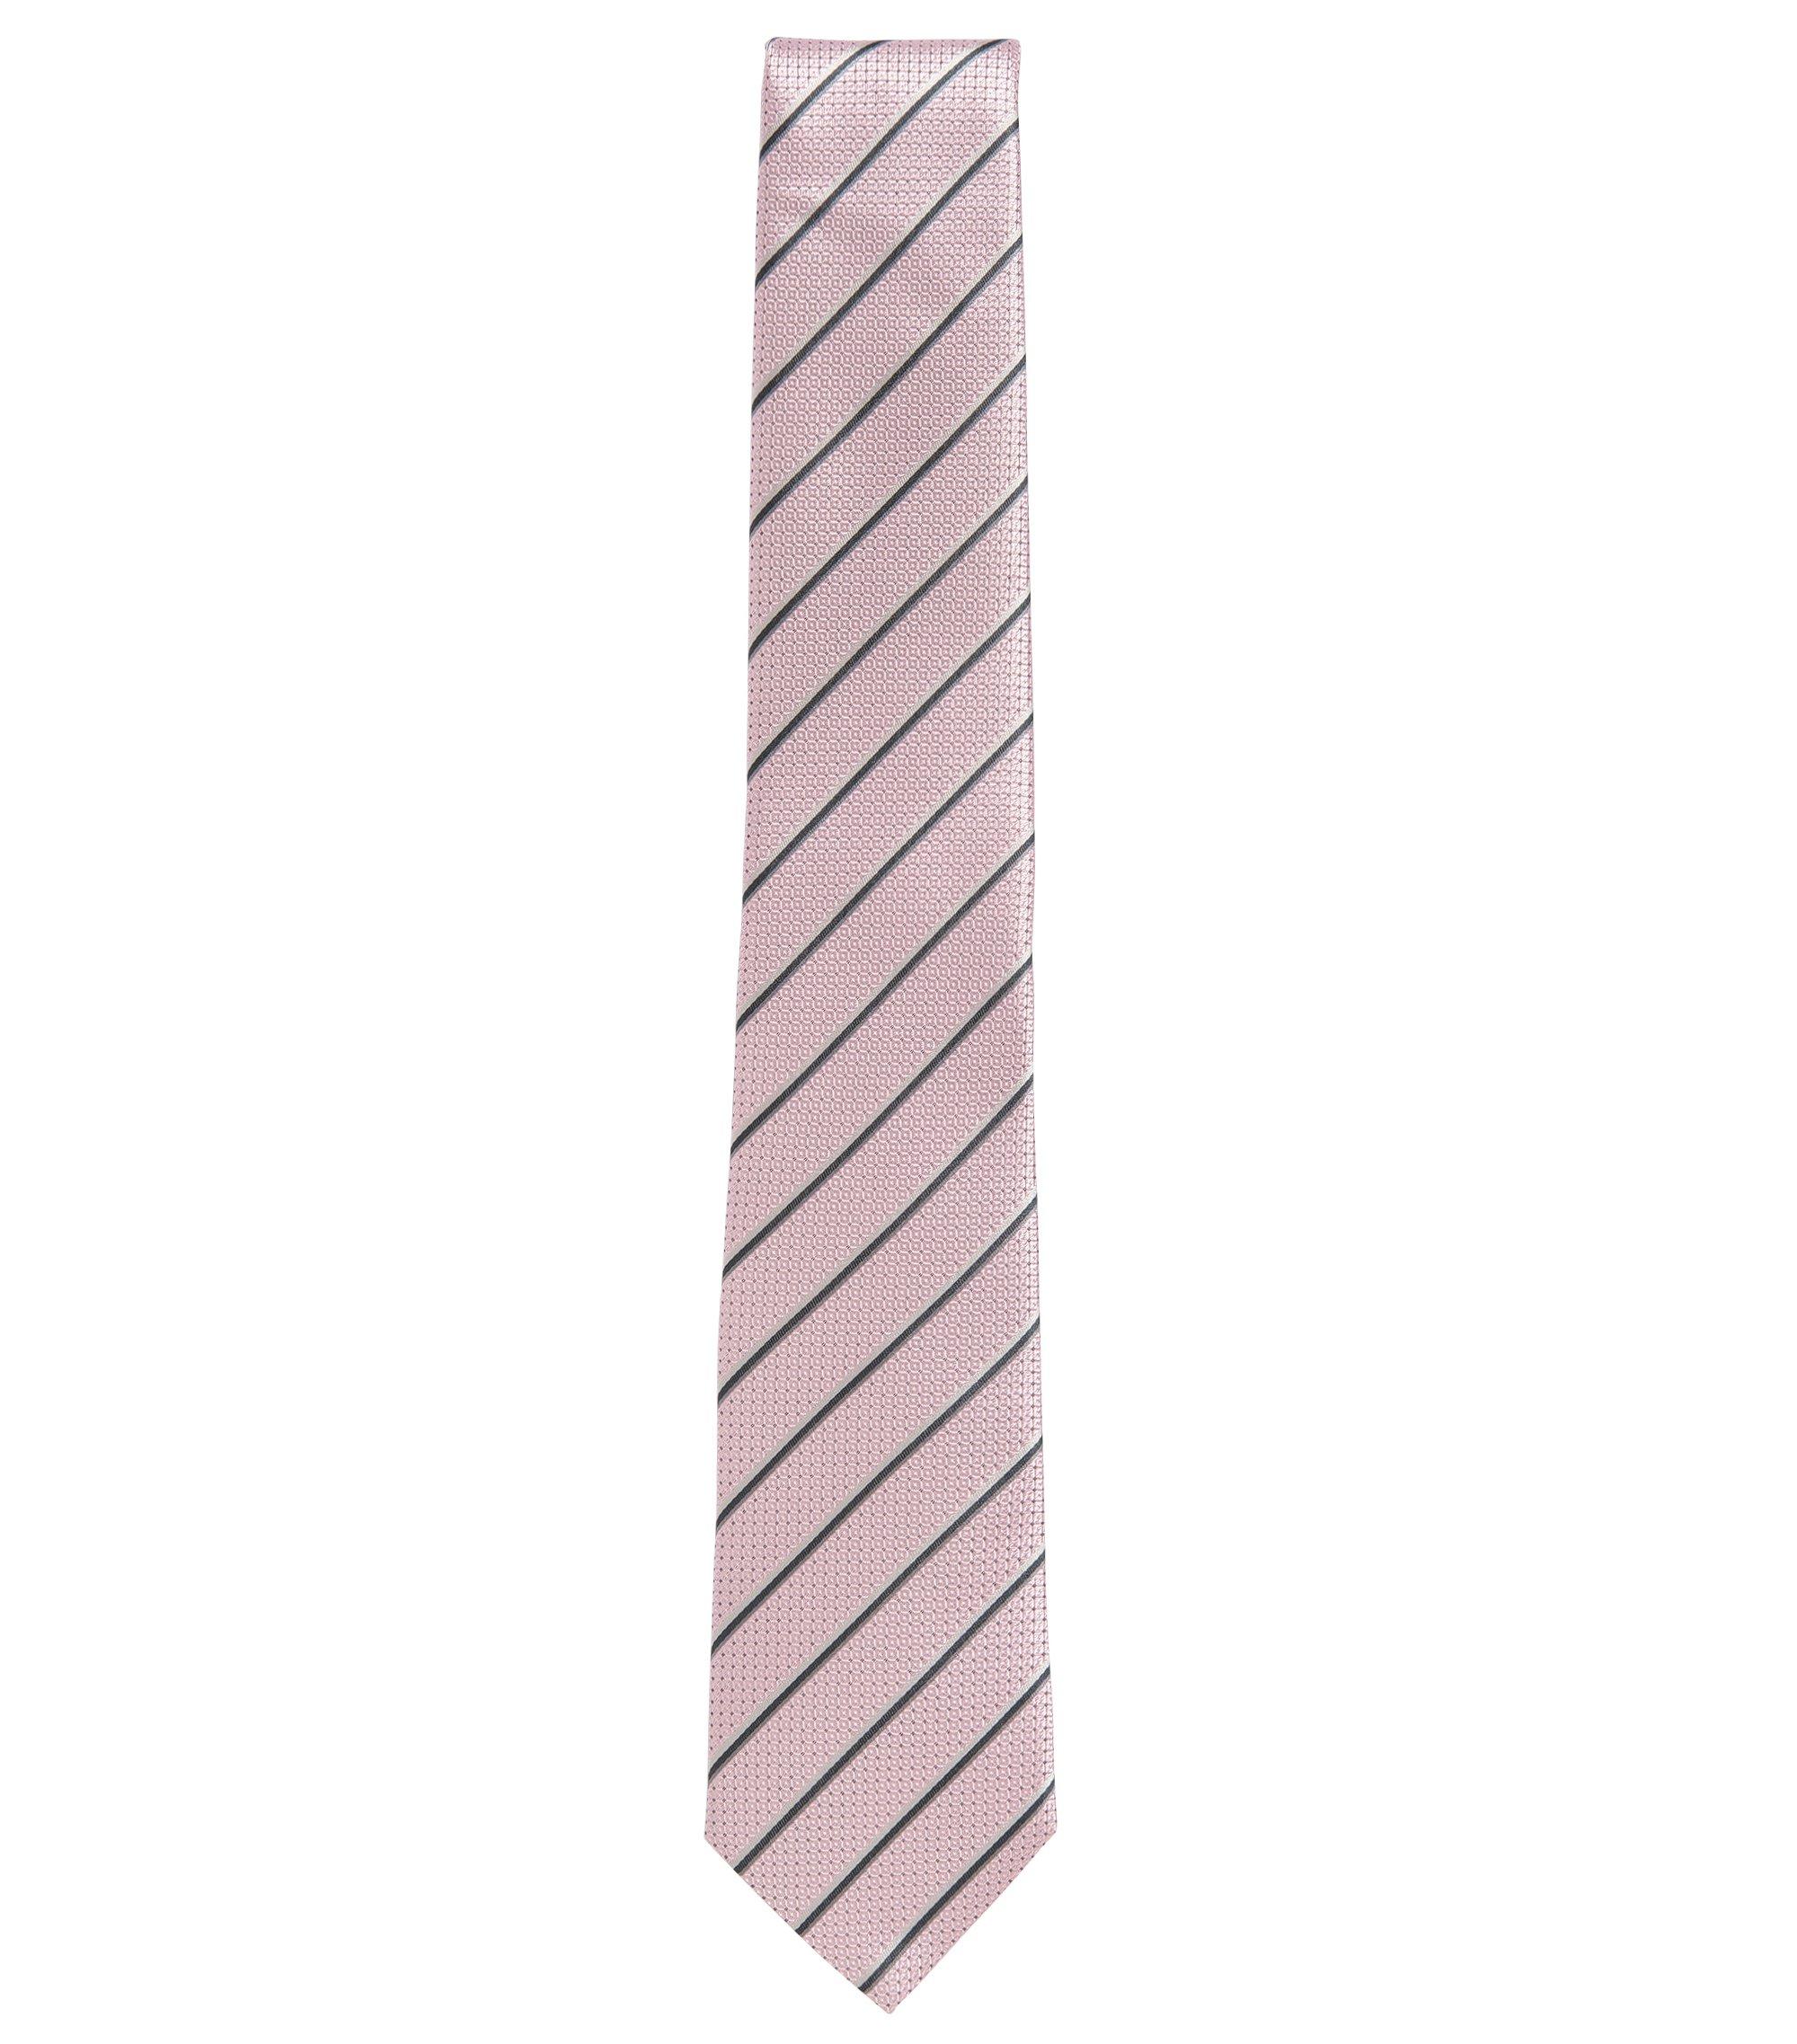 Woven Italian Silk Tie, light pink